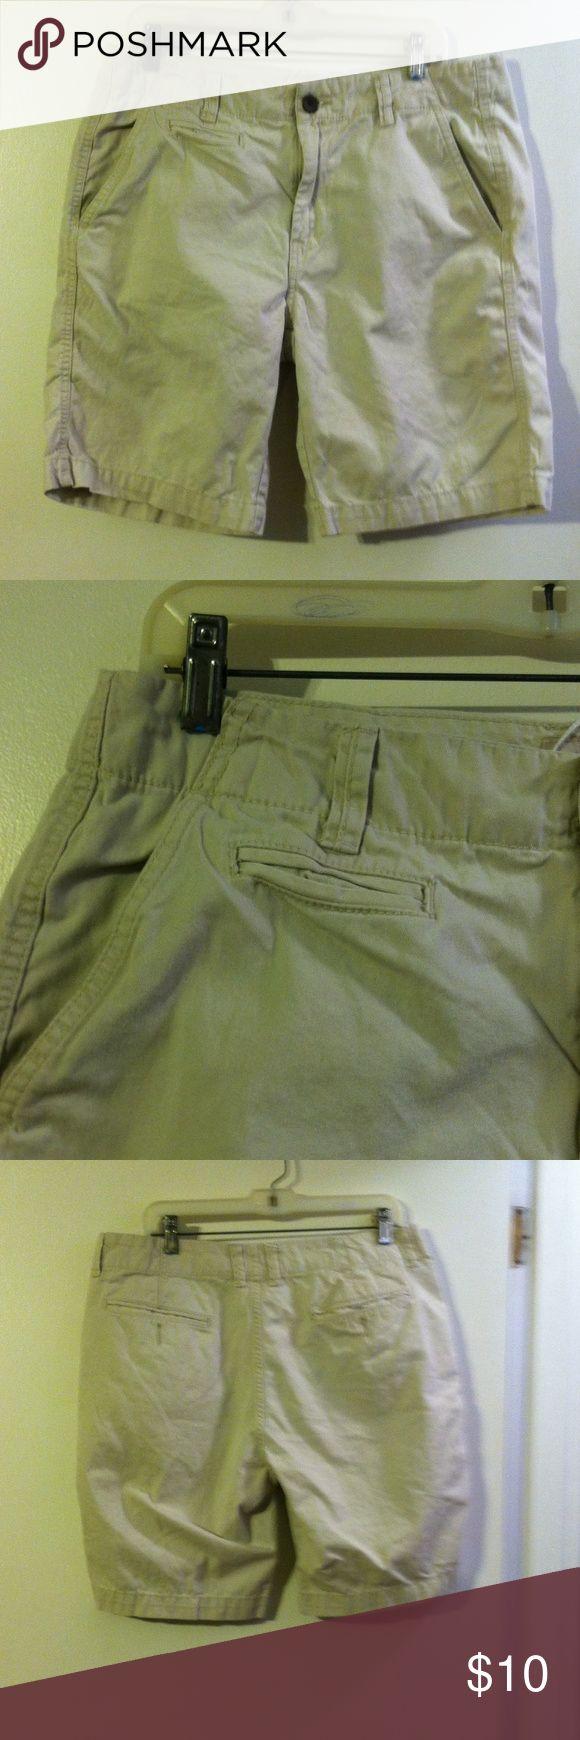 Arizona Jean co men's khaki shorts Cotton. Arizona Jean Company Shorts Flat Front